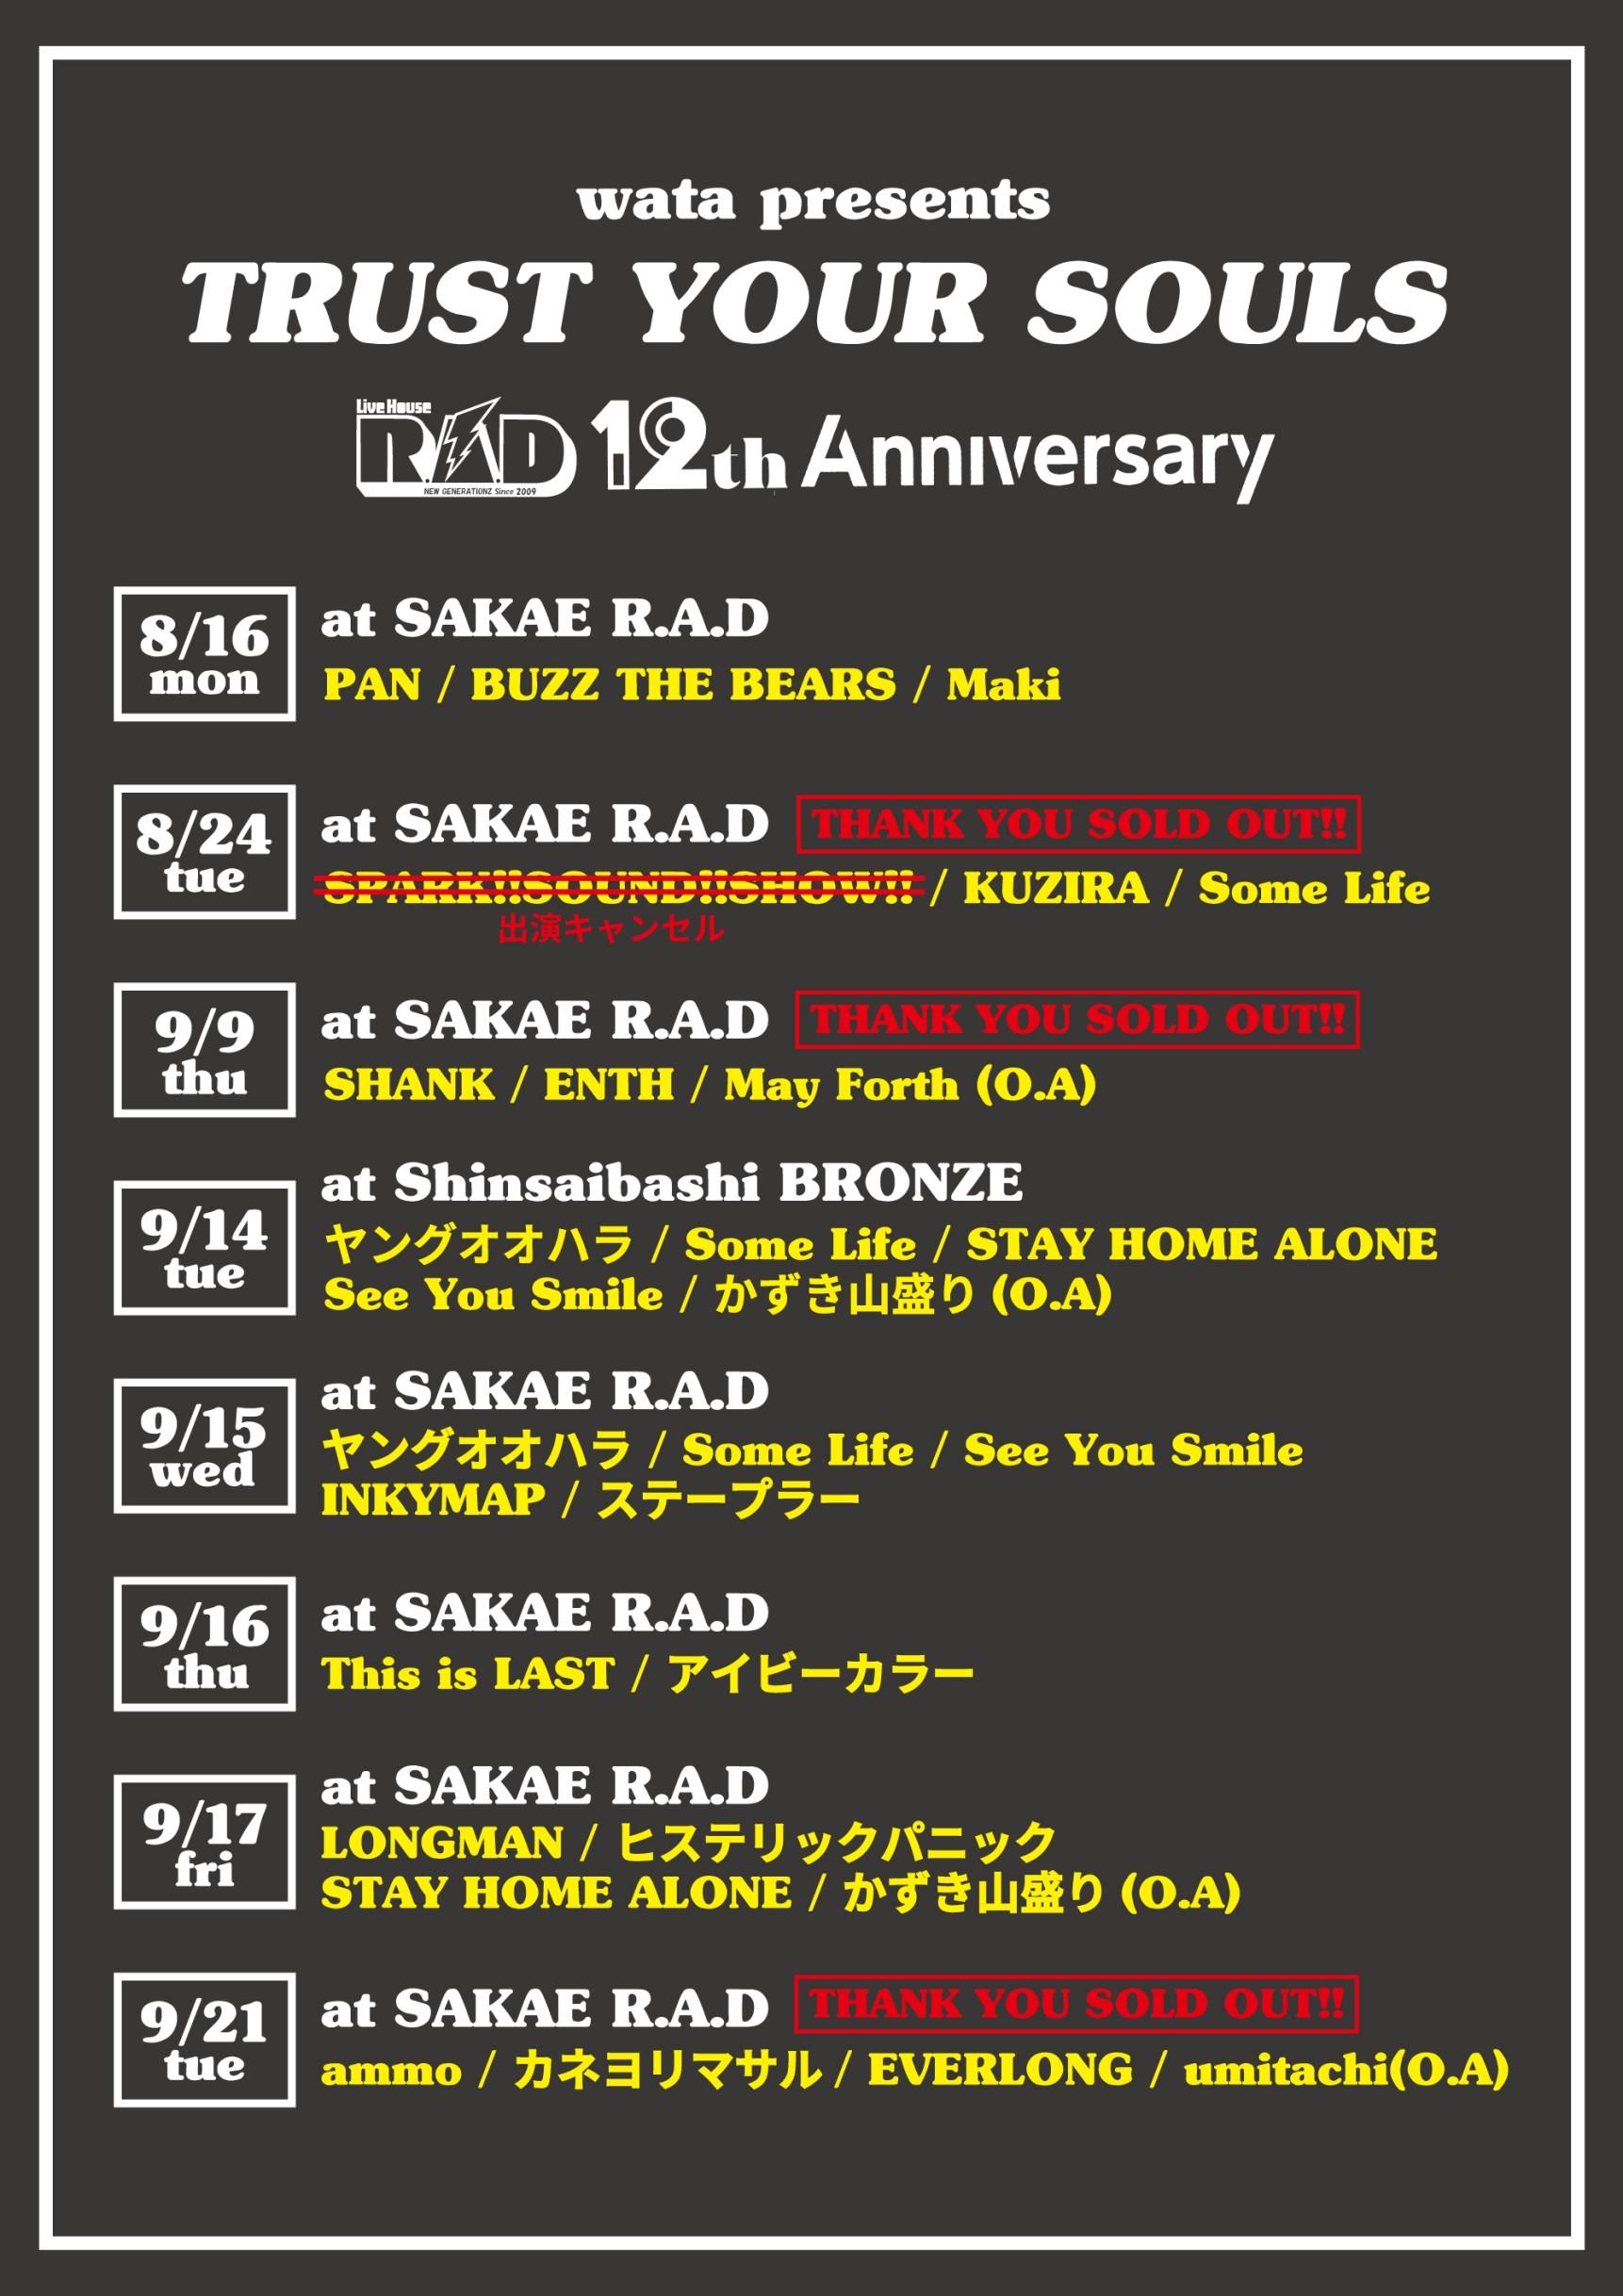 wata presents TRUST YOUR SOULS R.A.D 12th Anniversary